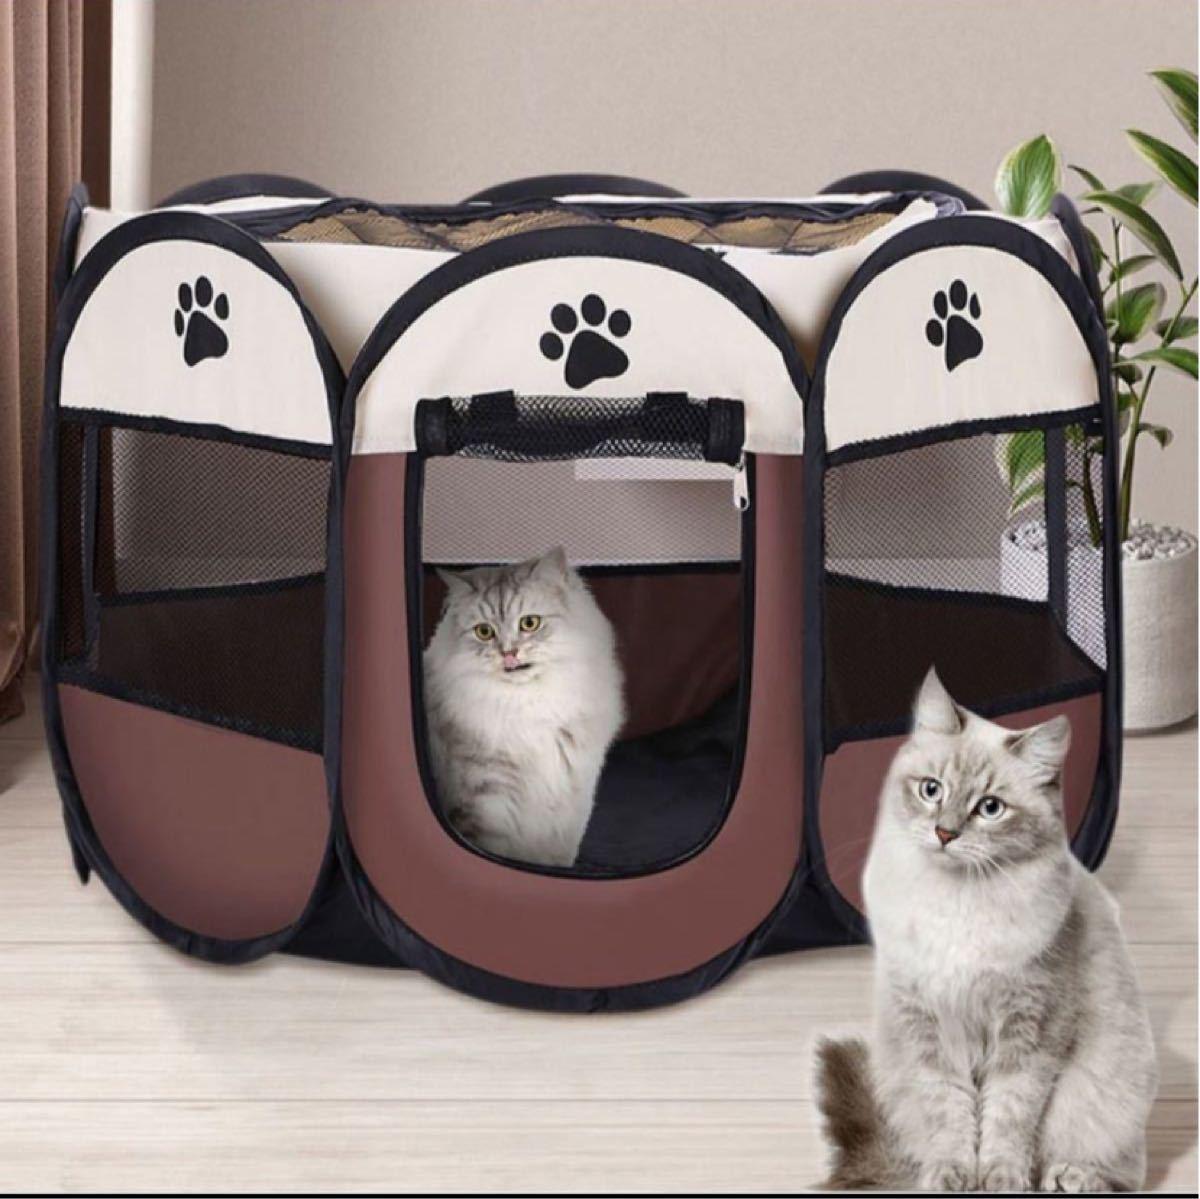 ペット小屋 ペットサークル お出かけ用 分娩室